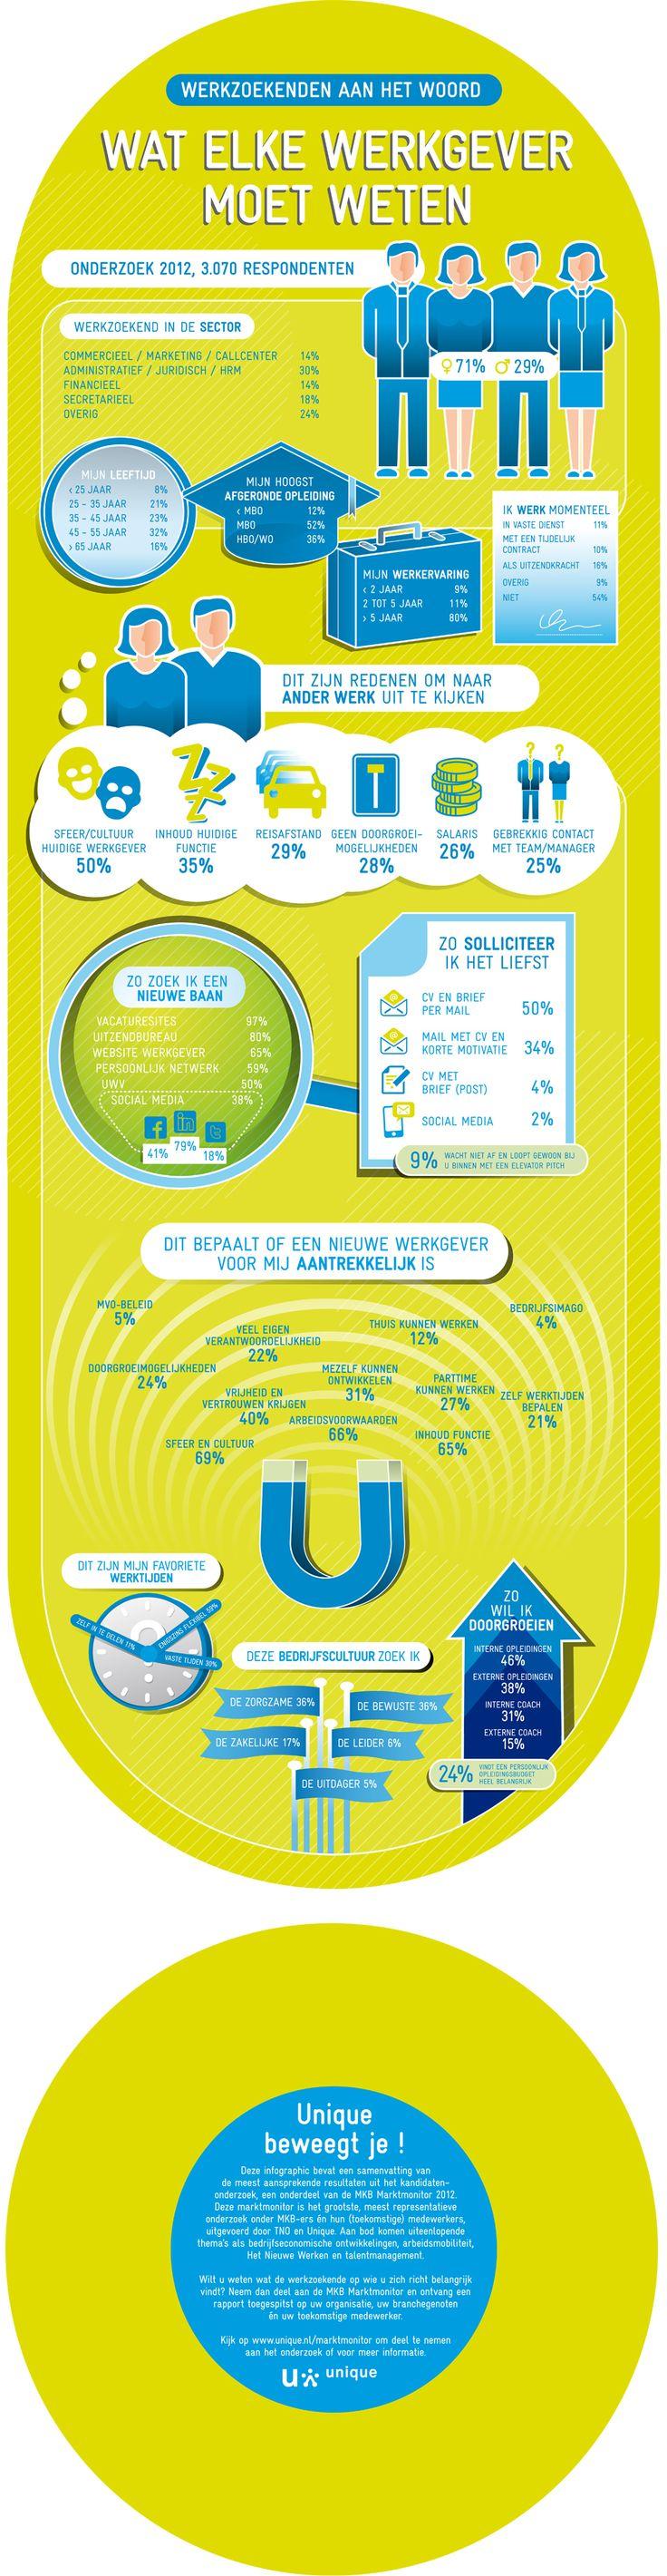 LinkedIn wordt door 79 procent van werkzoekend Nederland ingezet om een baan te vinden